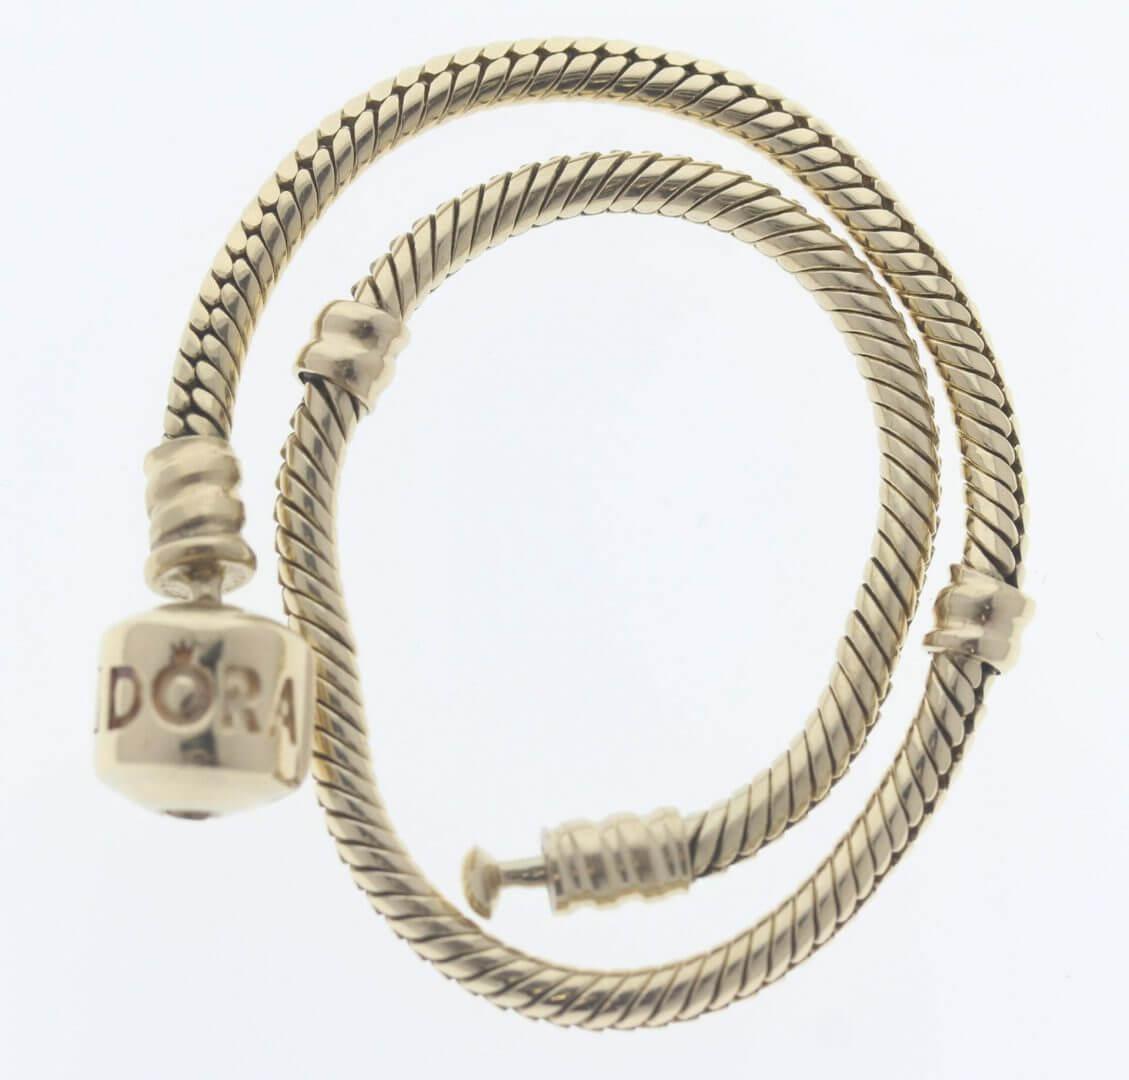 Pandora Moments 14ct Gold Charm Bracelet - 550702 - ALE 585 7